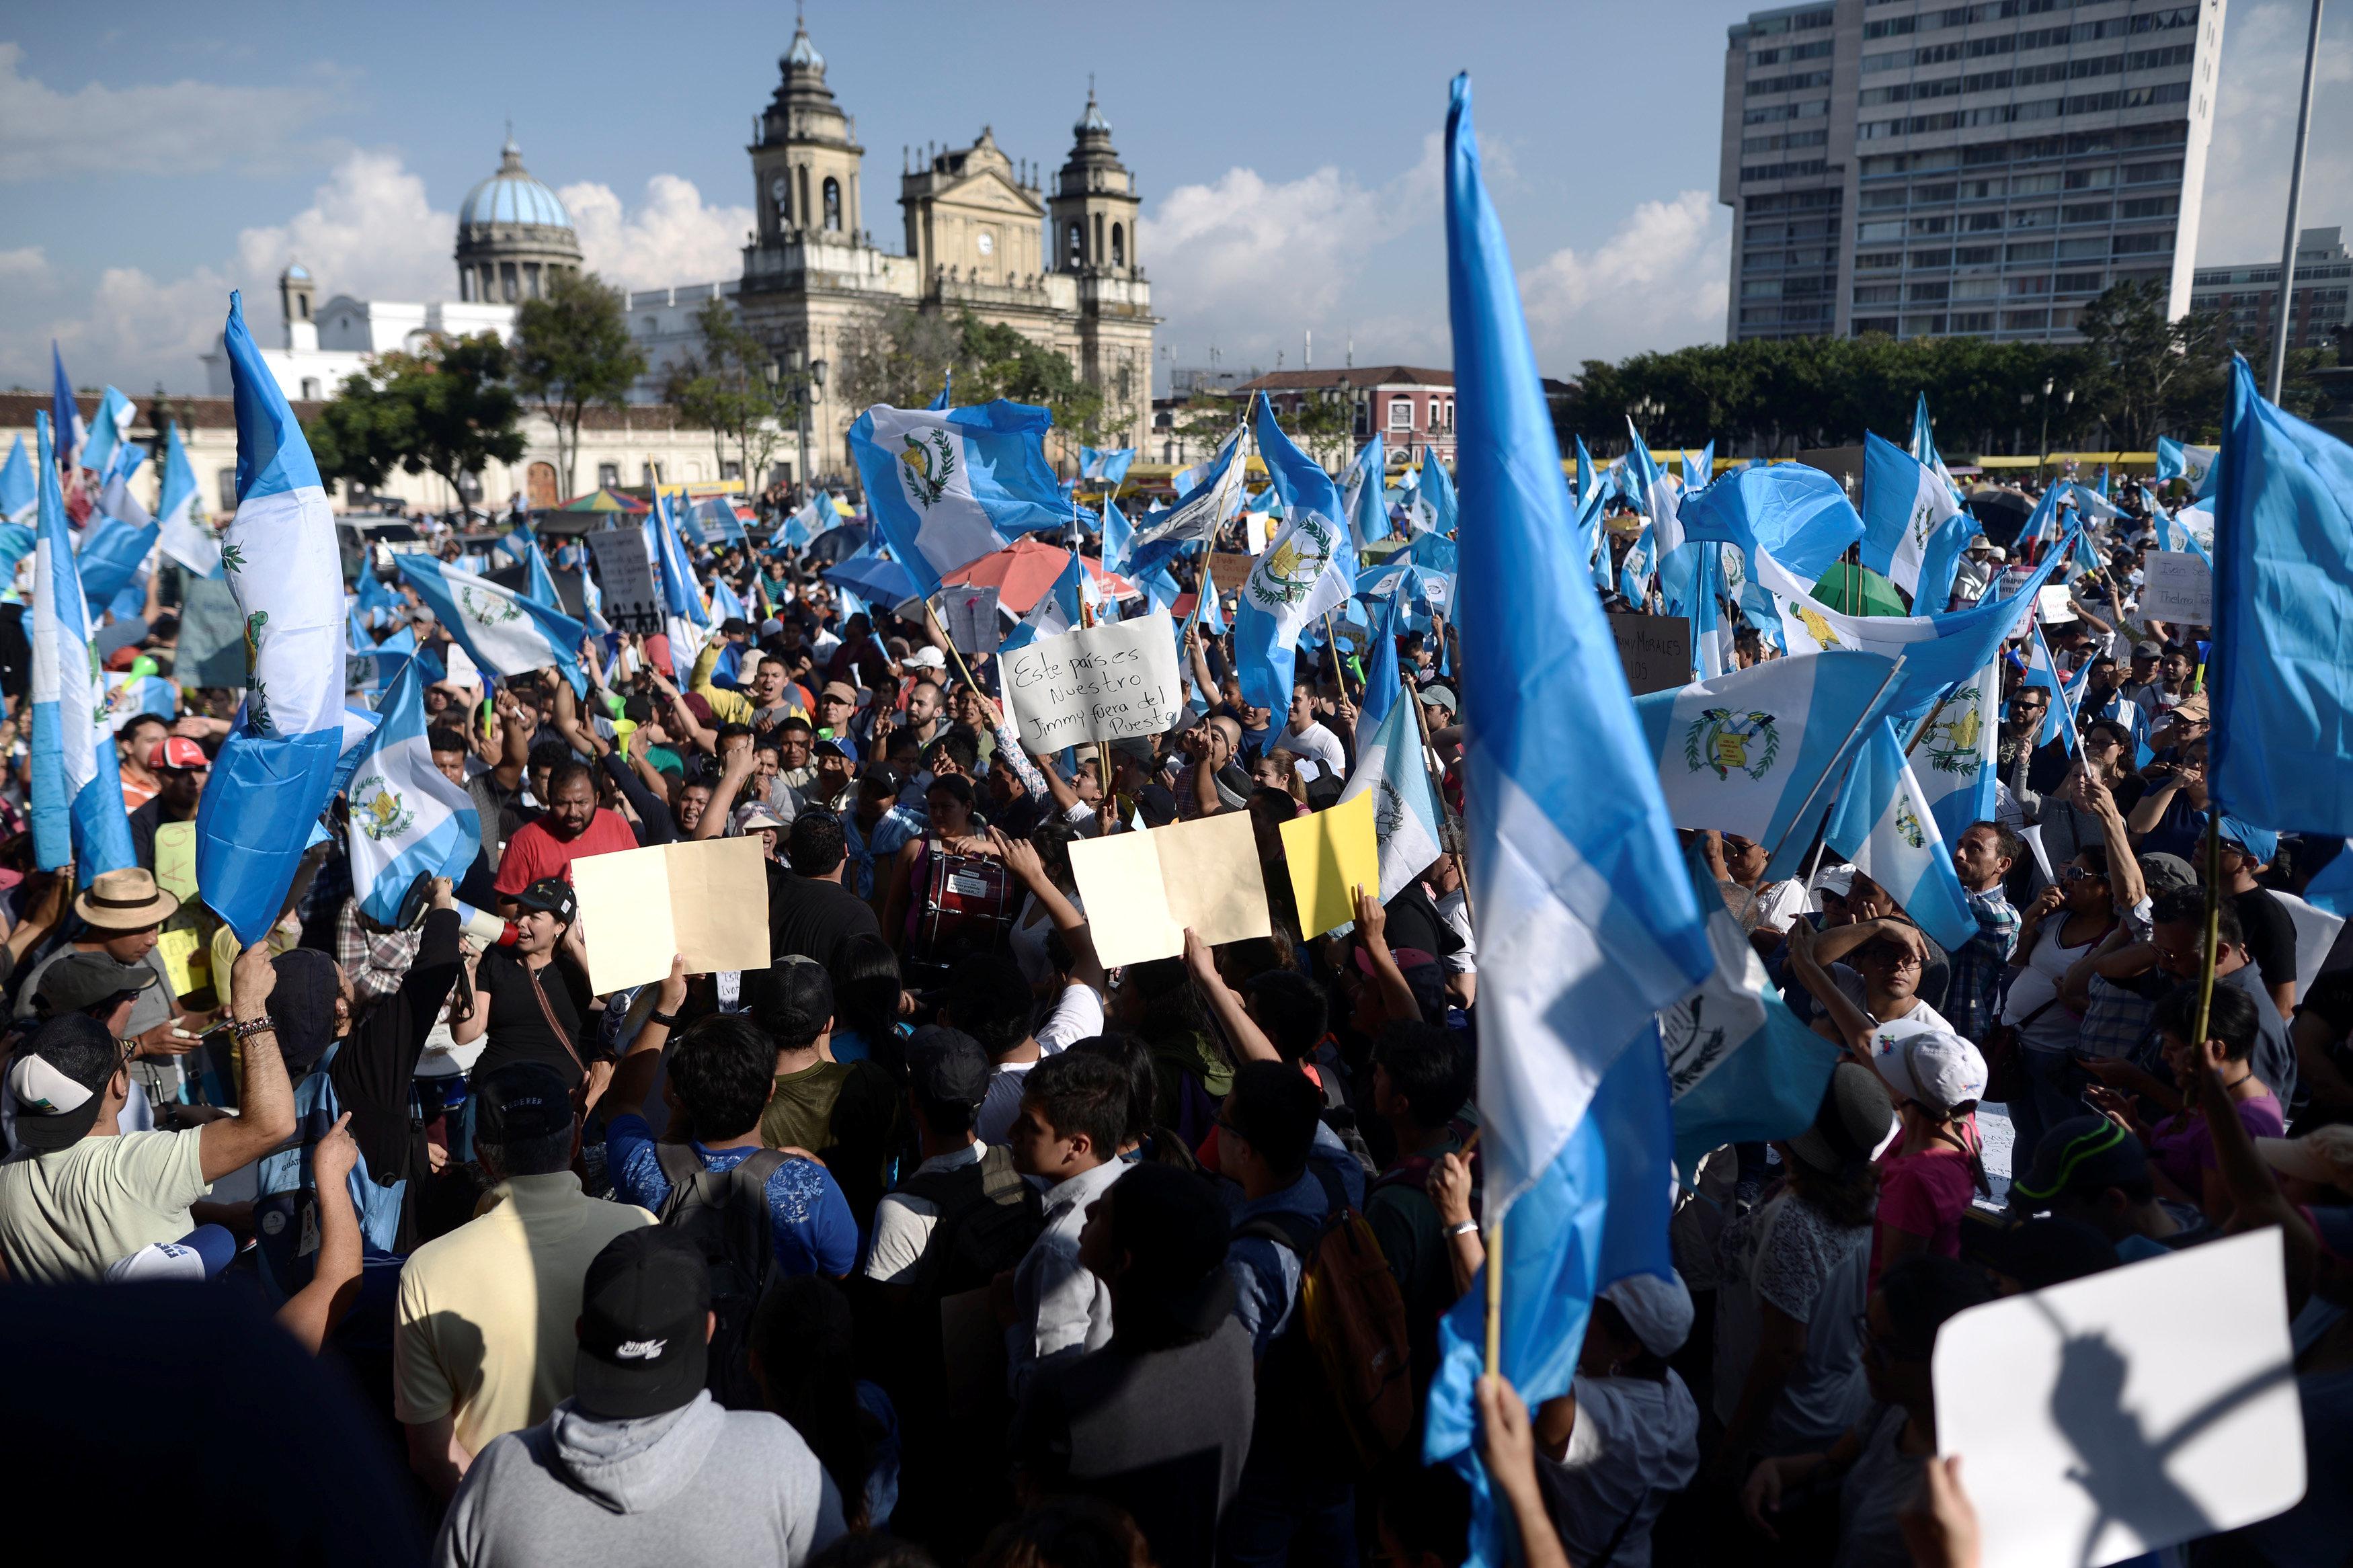 احتجاجات فى جواتيمالا لرفض إنهاء عمل اللجنة الأممية لمكافحة الفساد